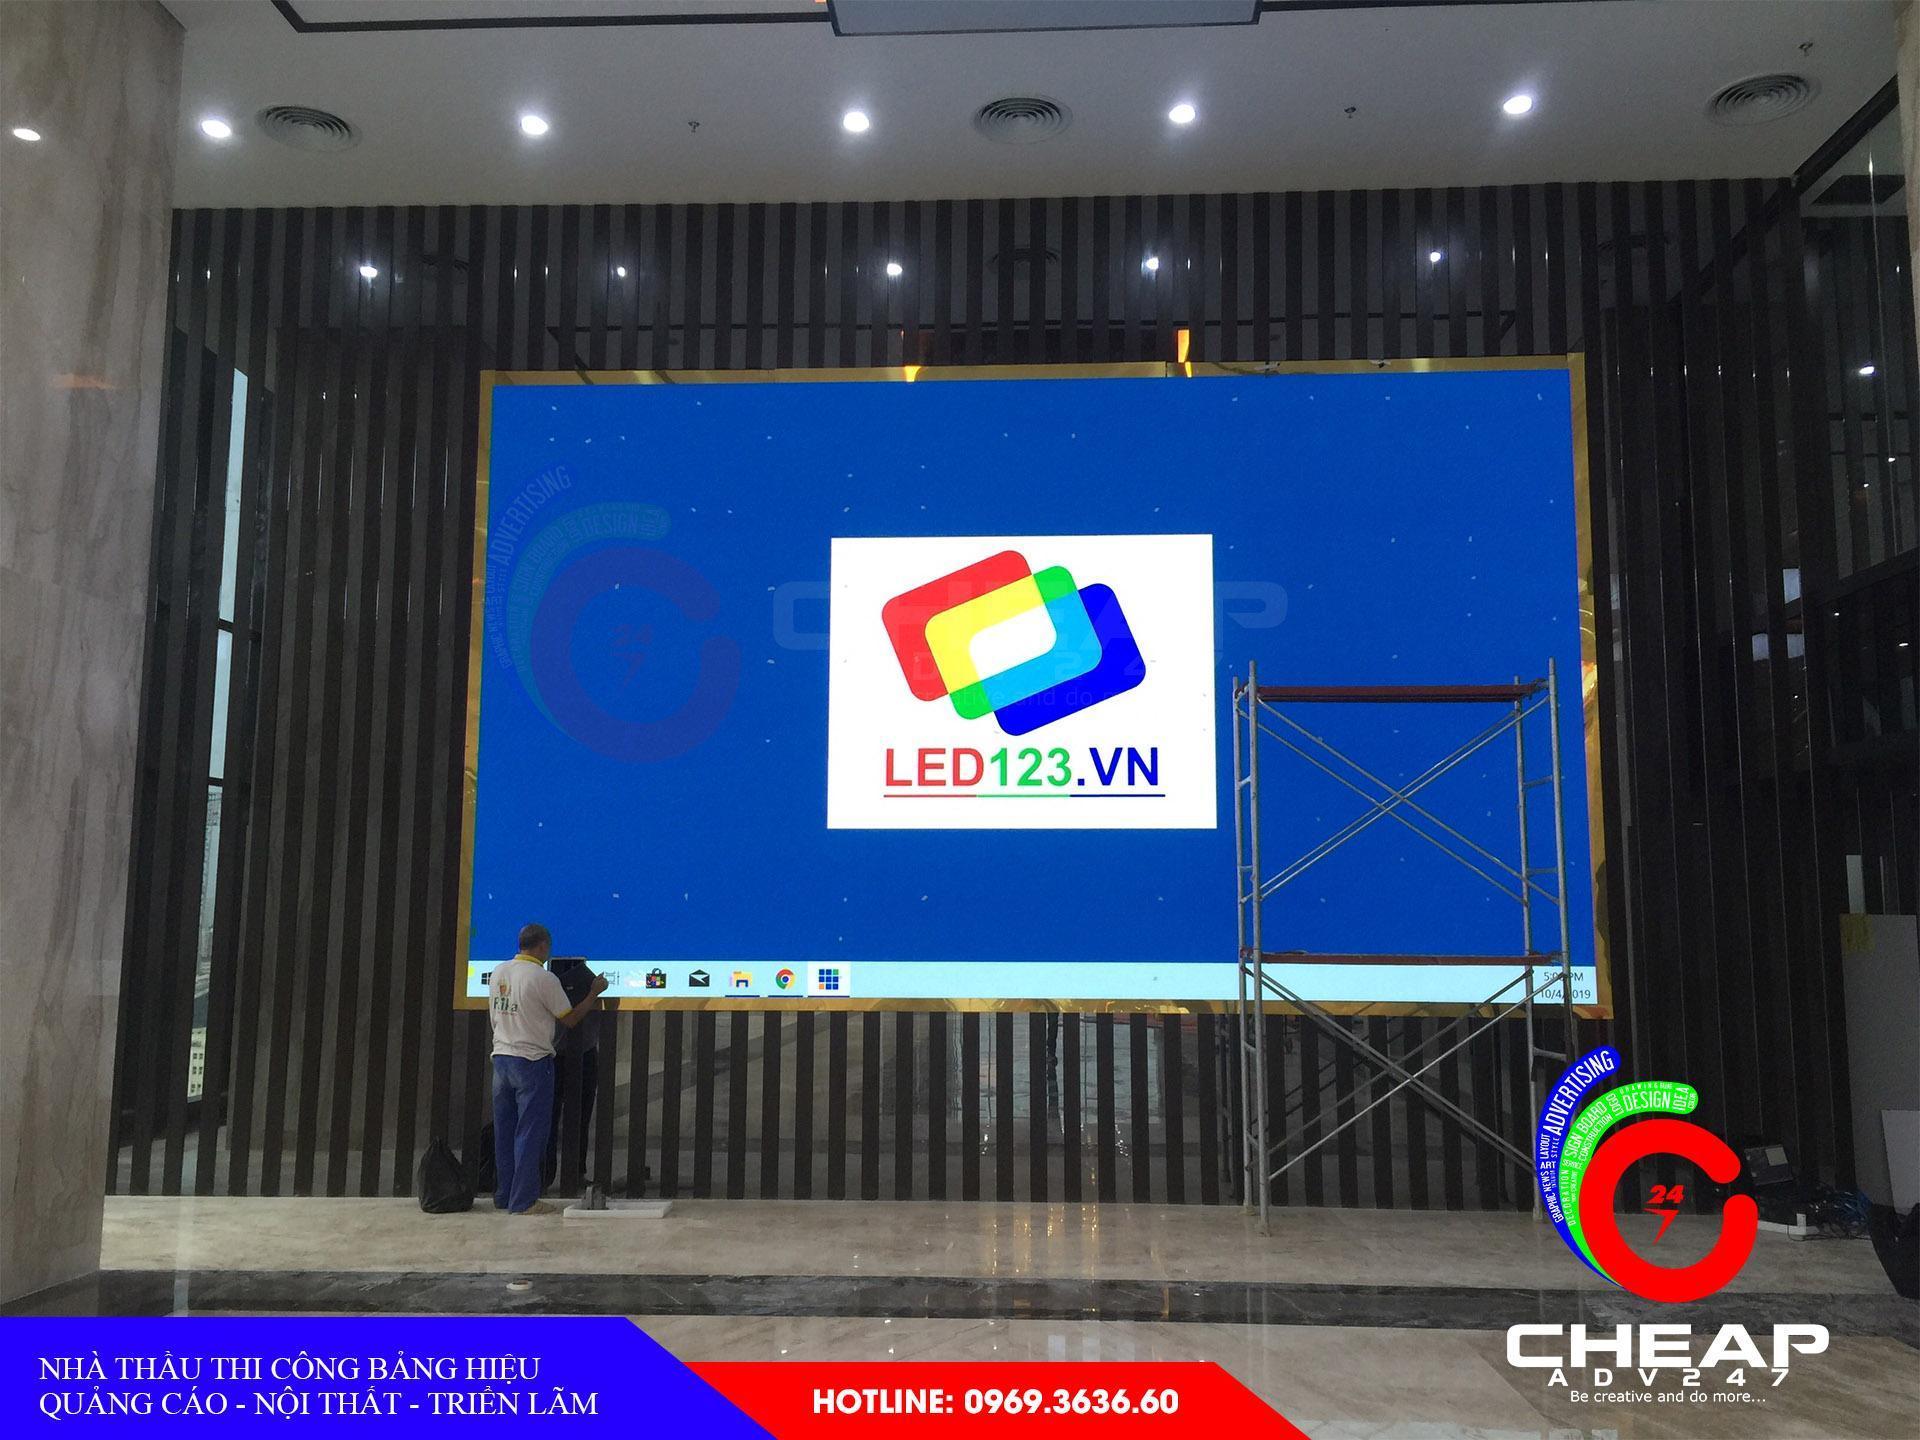 Làm bảng hiệu bằng màn hình led cỡ lớn tại cheapadv247